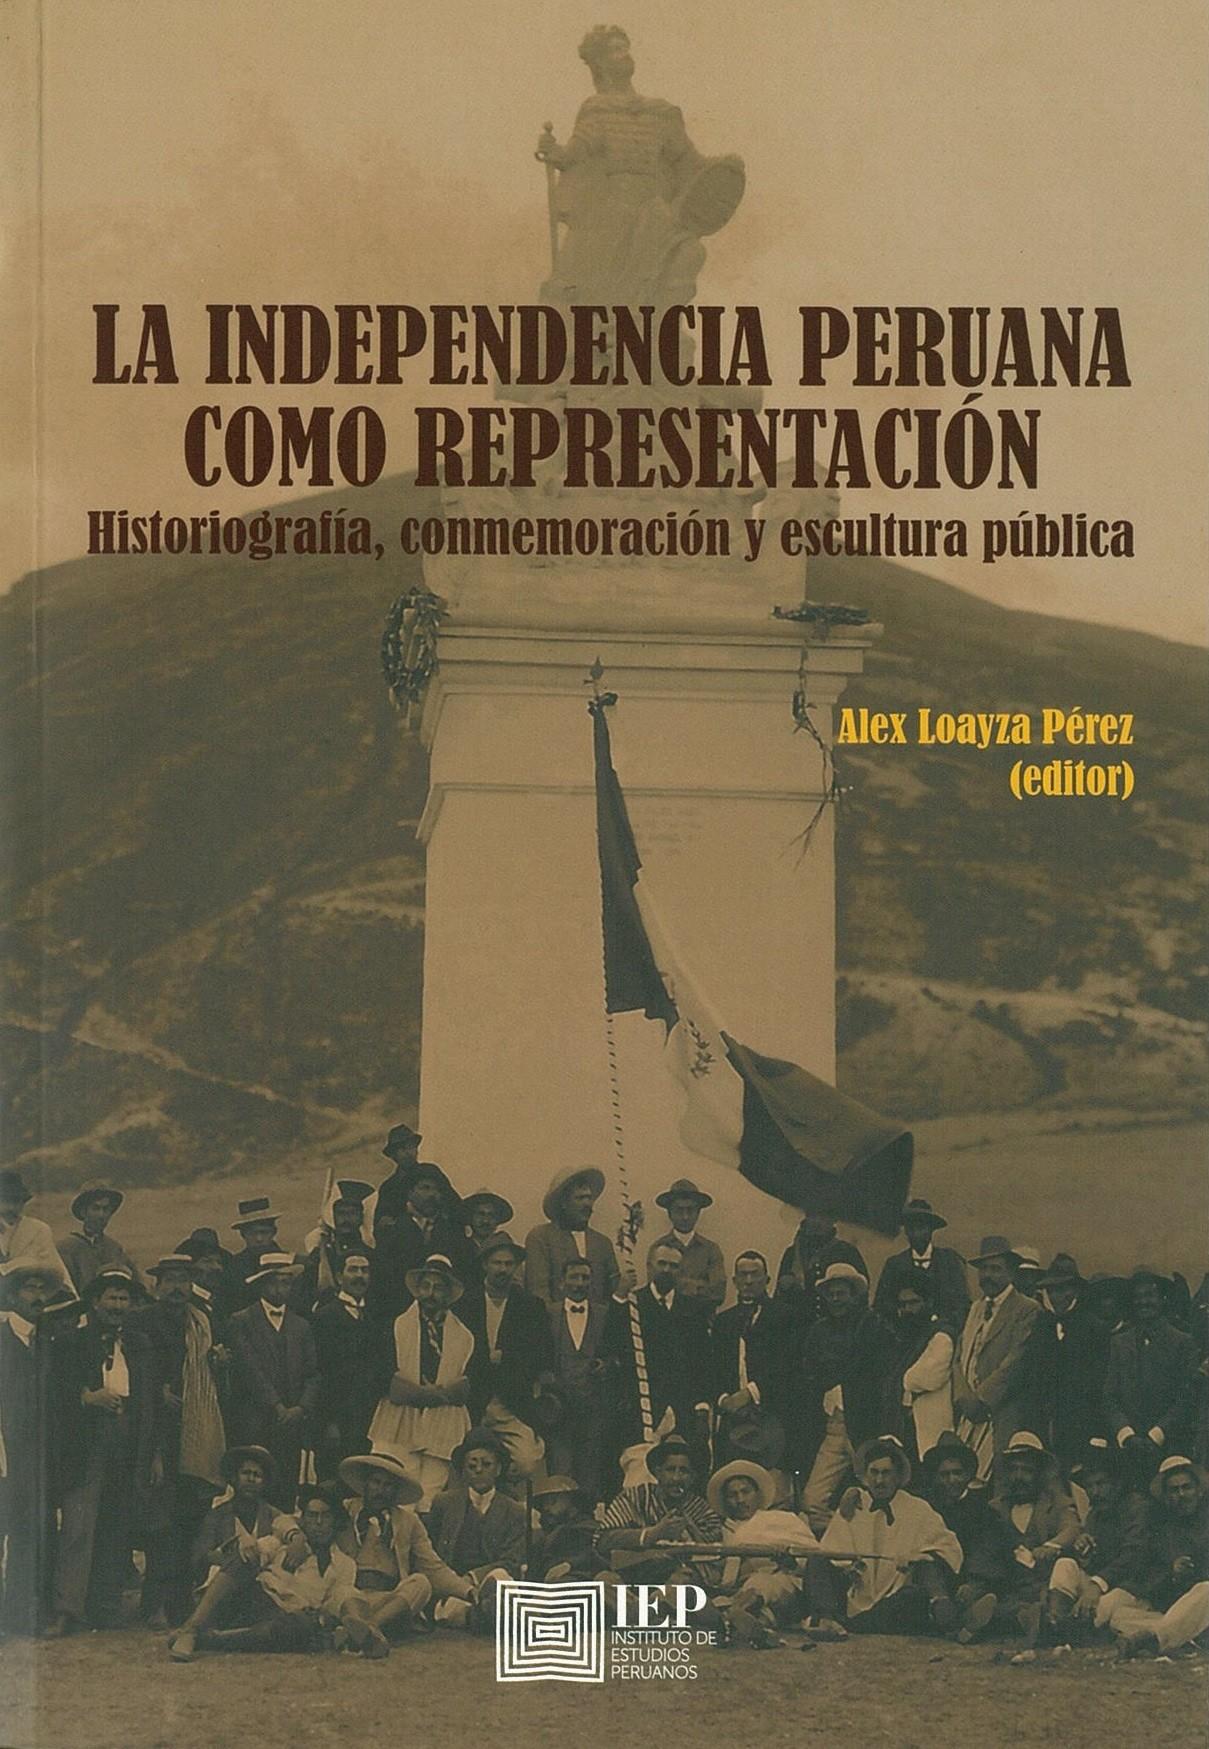 La independencia peruana como representación